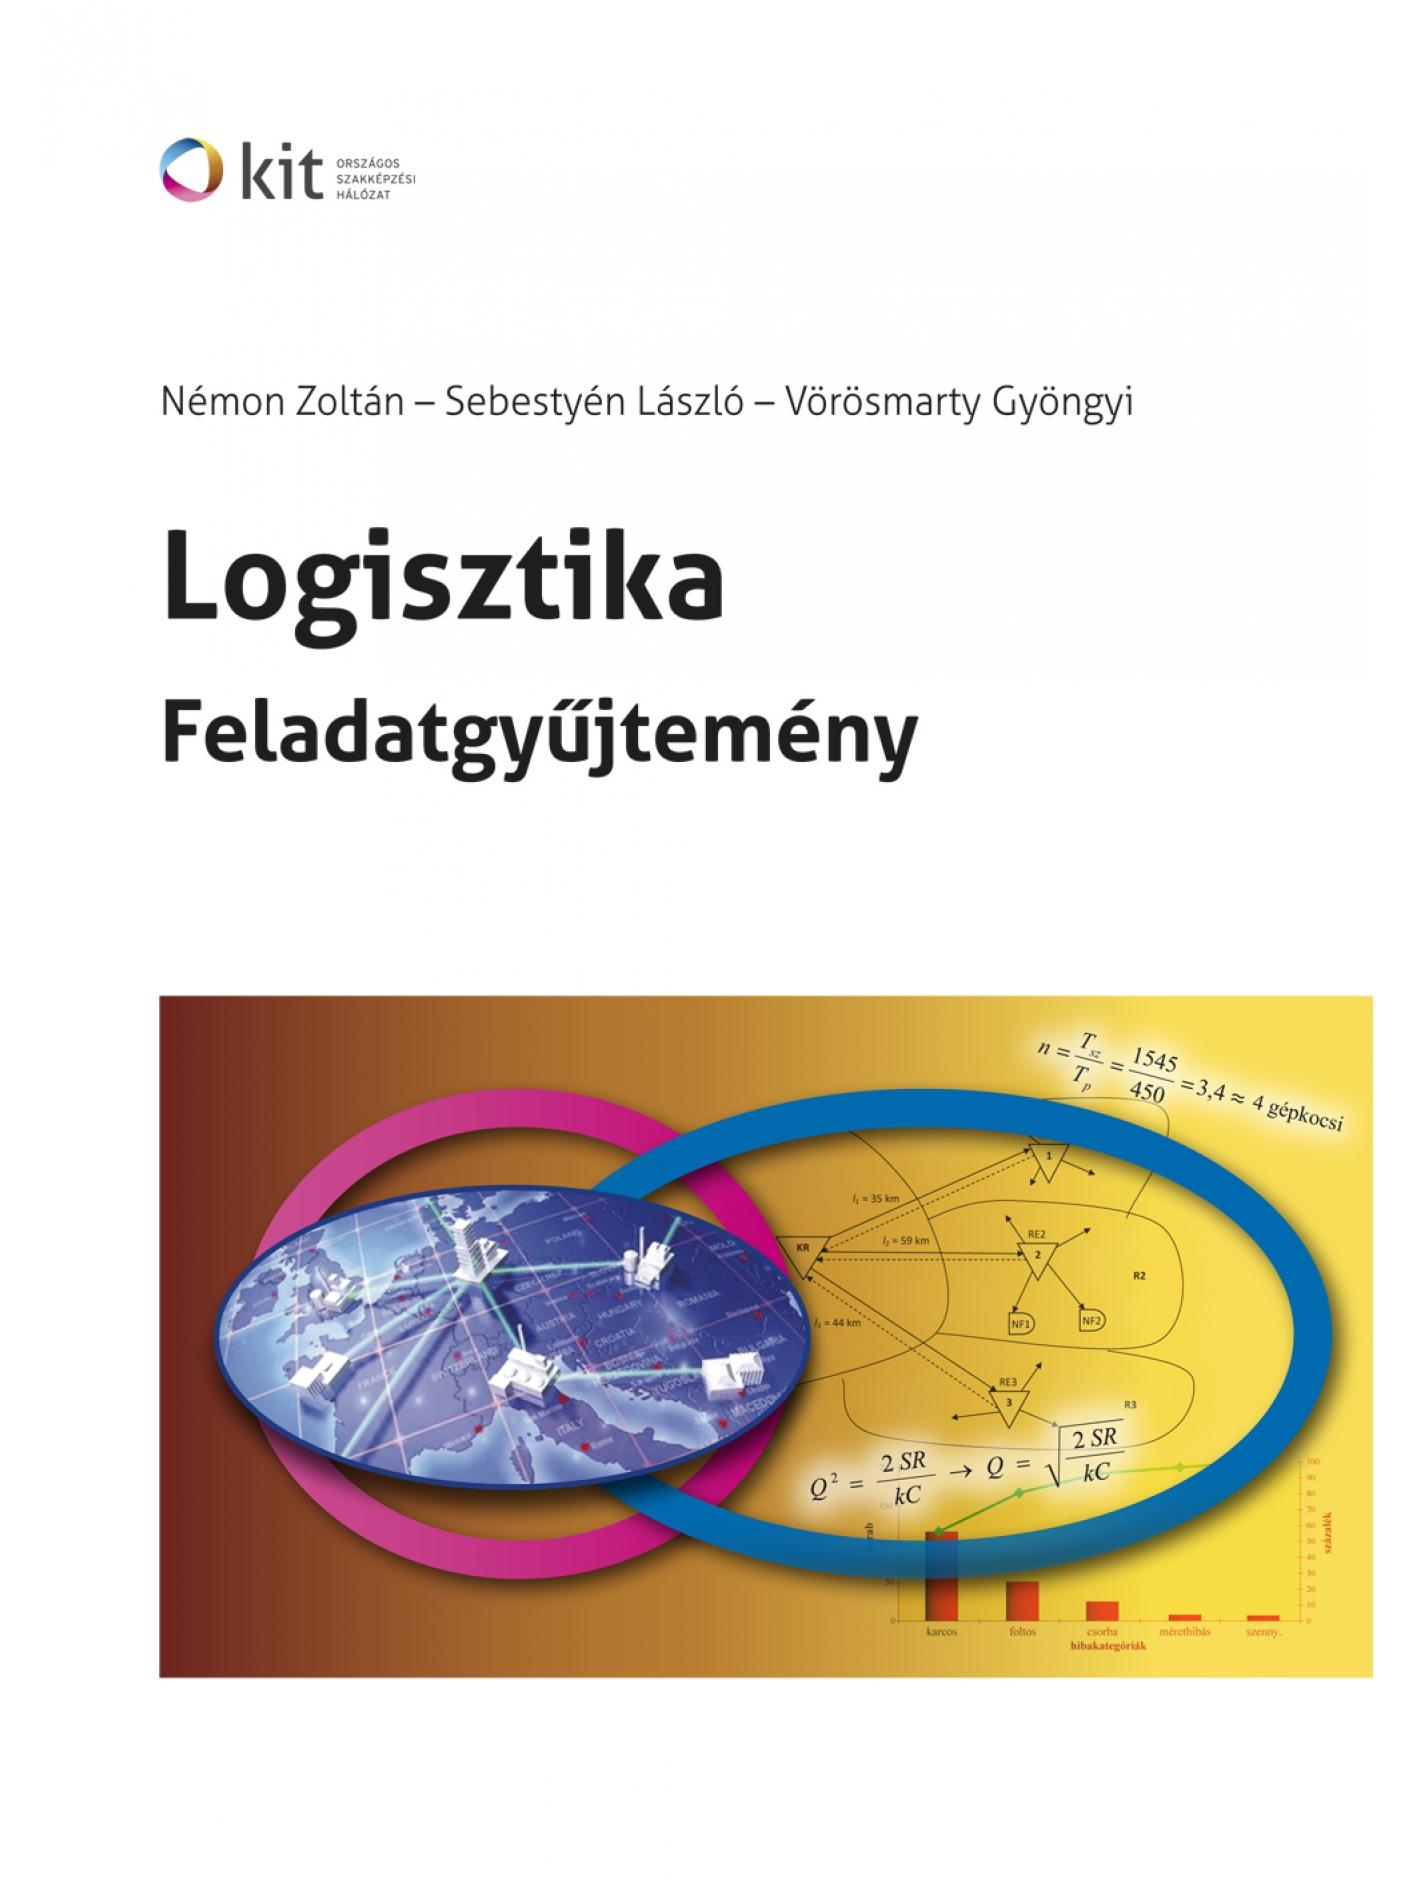 Logisztika feladatgyűjtemény